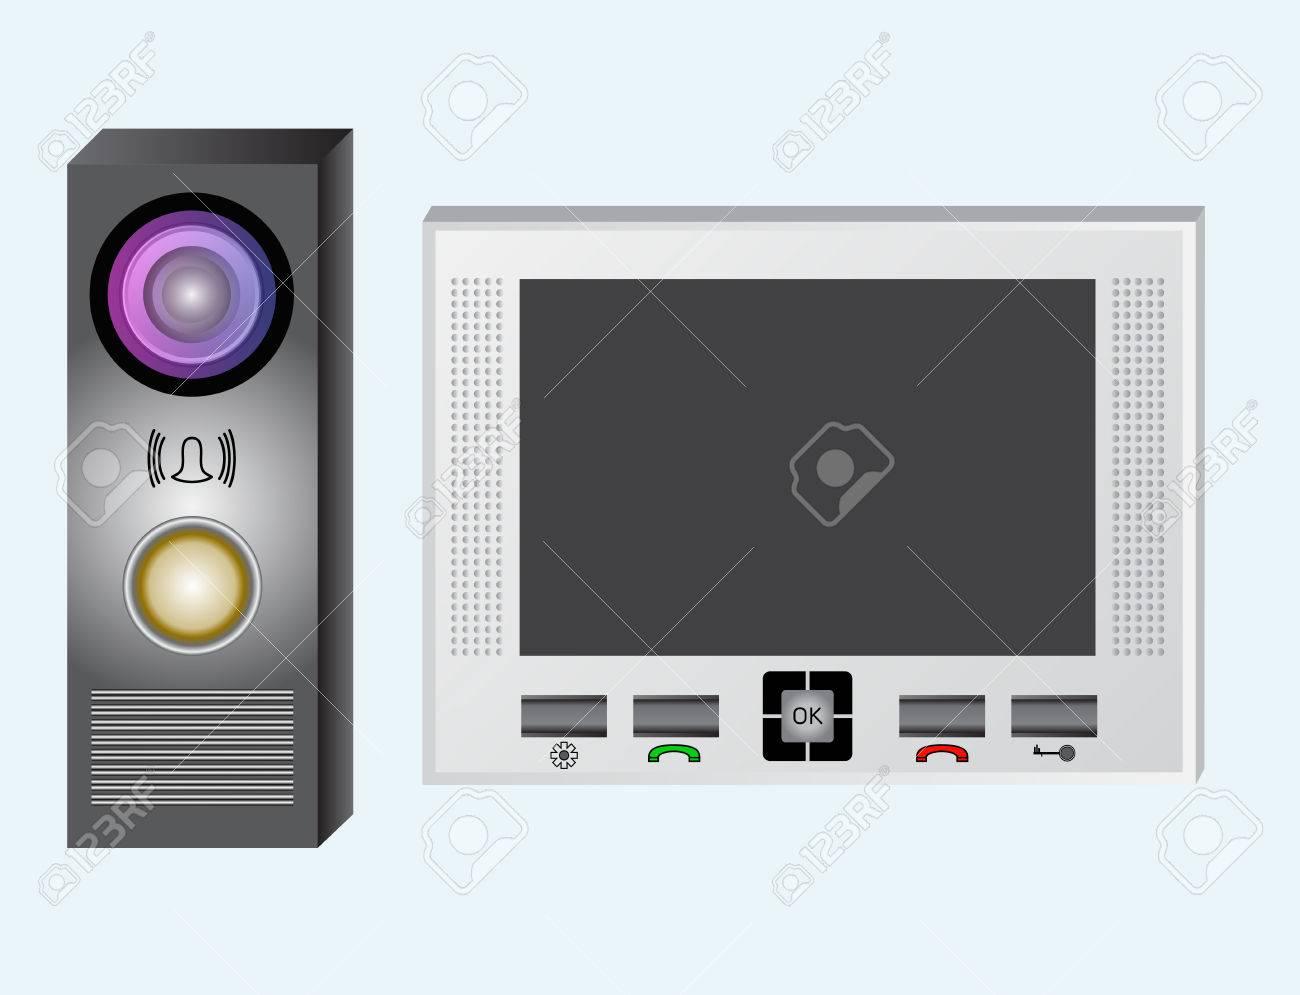 gegensprechanlage. video-gegensprechanlage. der monitor und die